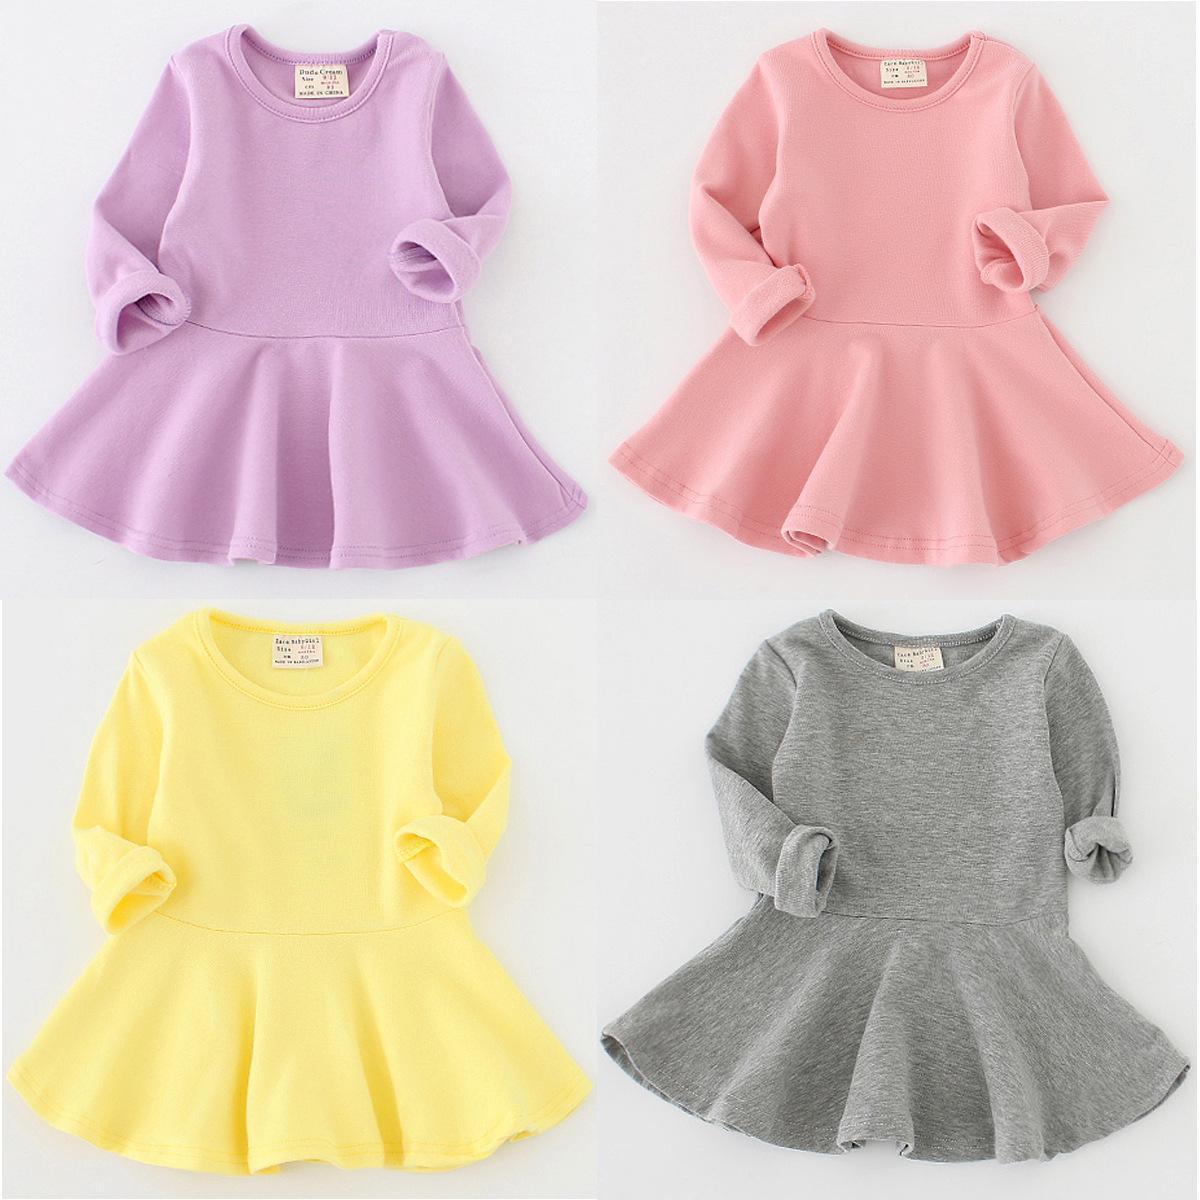 2019 kız bebek kış elbise uzun yenidoğan kızlar için yeni doğan elbiseler bebek doğum günü kıyafetler 6 aylık kız bebek elbise sleeve